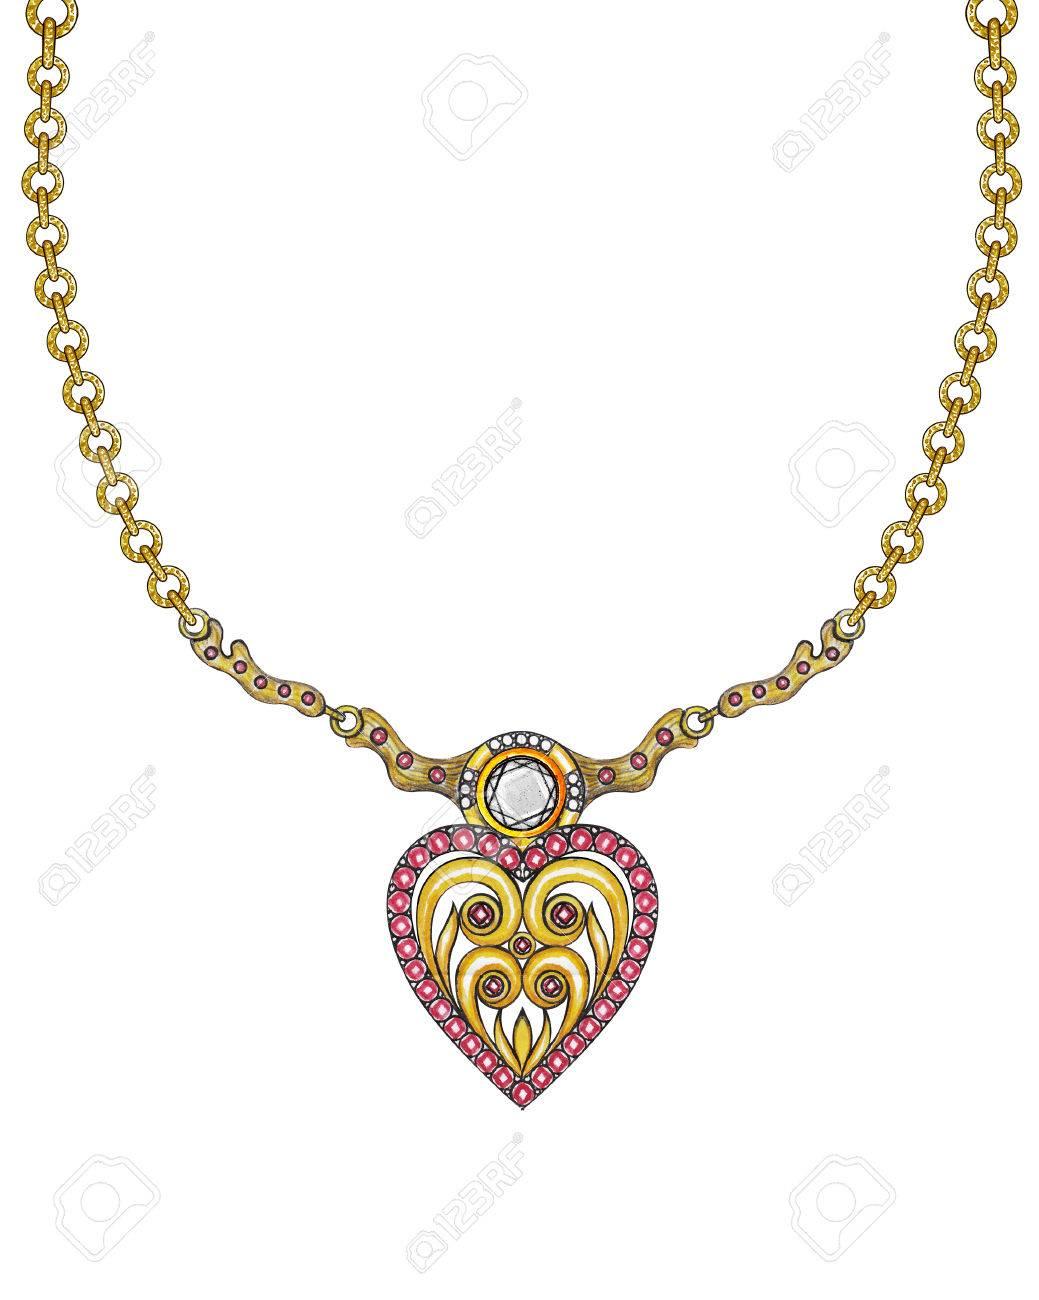 vendido en todo el mundo seleccione para el último cómo hacer pedidos Collar de la joyería Diseño del corazón. Dibujo de la mano y la pintura en  el papel.